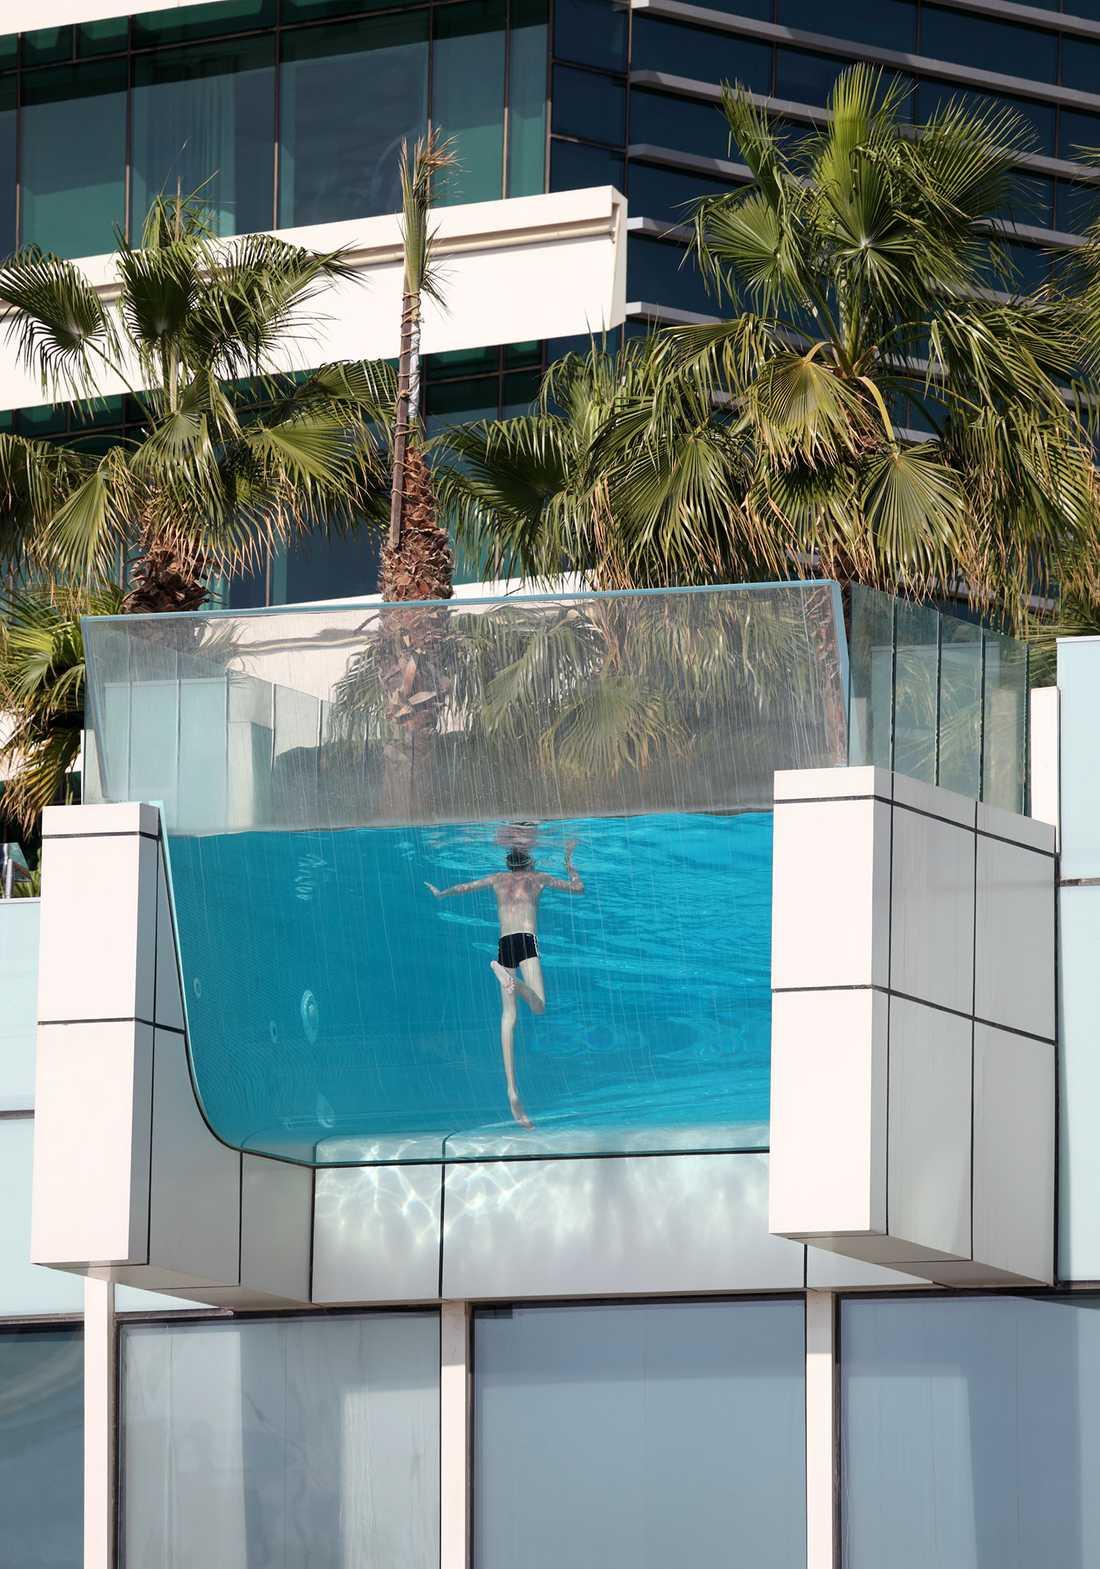 INTERCONTINENTAL HOTEL, DUBAI, FÖRENADE ARABEMIRATEN Poolen på hotellet i Festival City här botten och vägg helt i glas och sticker ut från fasaden, högt över marken. Du simmar med utsikt över bland annat Burj Khalifa, världens högsta byggnad. Invid poolen ligger en bar.